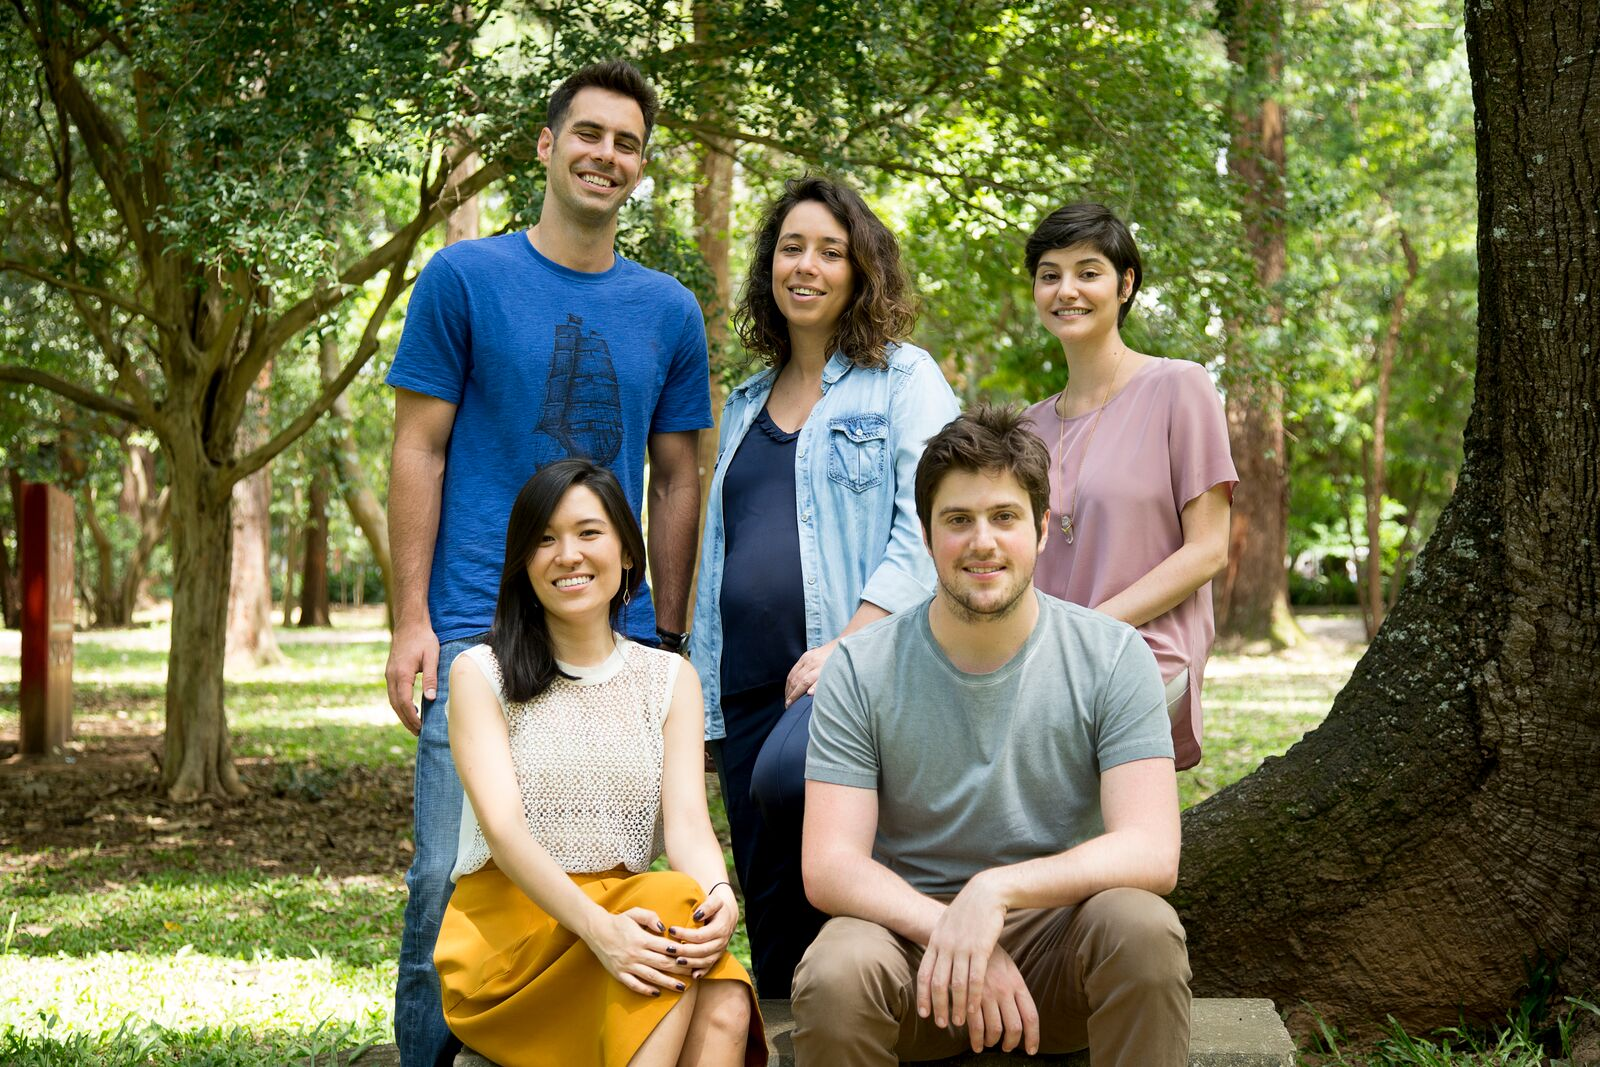 Os sócios da Salsada: em pé Carlos Alberto Martinez, Débora Emm e Lena Mattar. Sentados, Michele Okuhara e Roberto Meirelles.